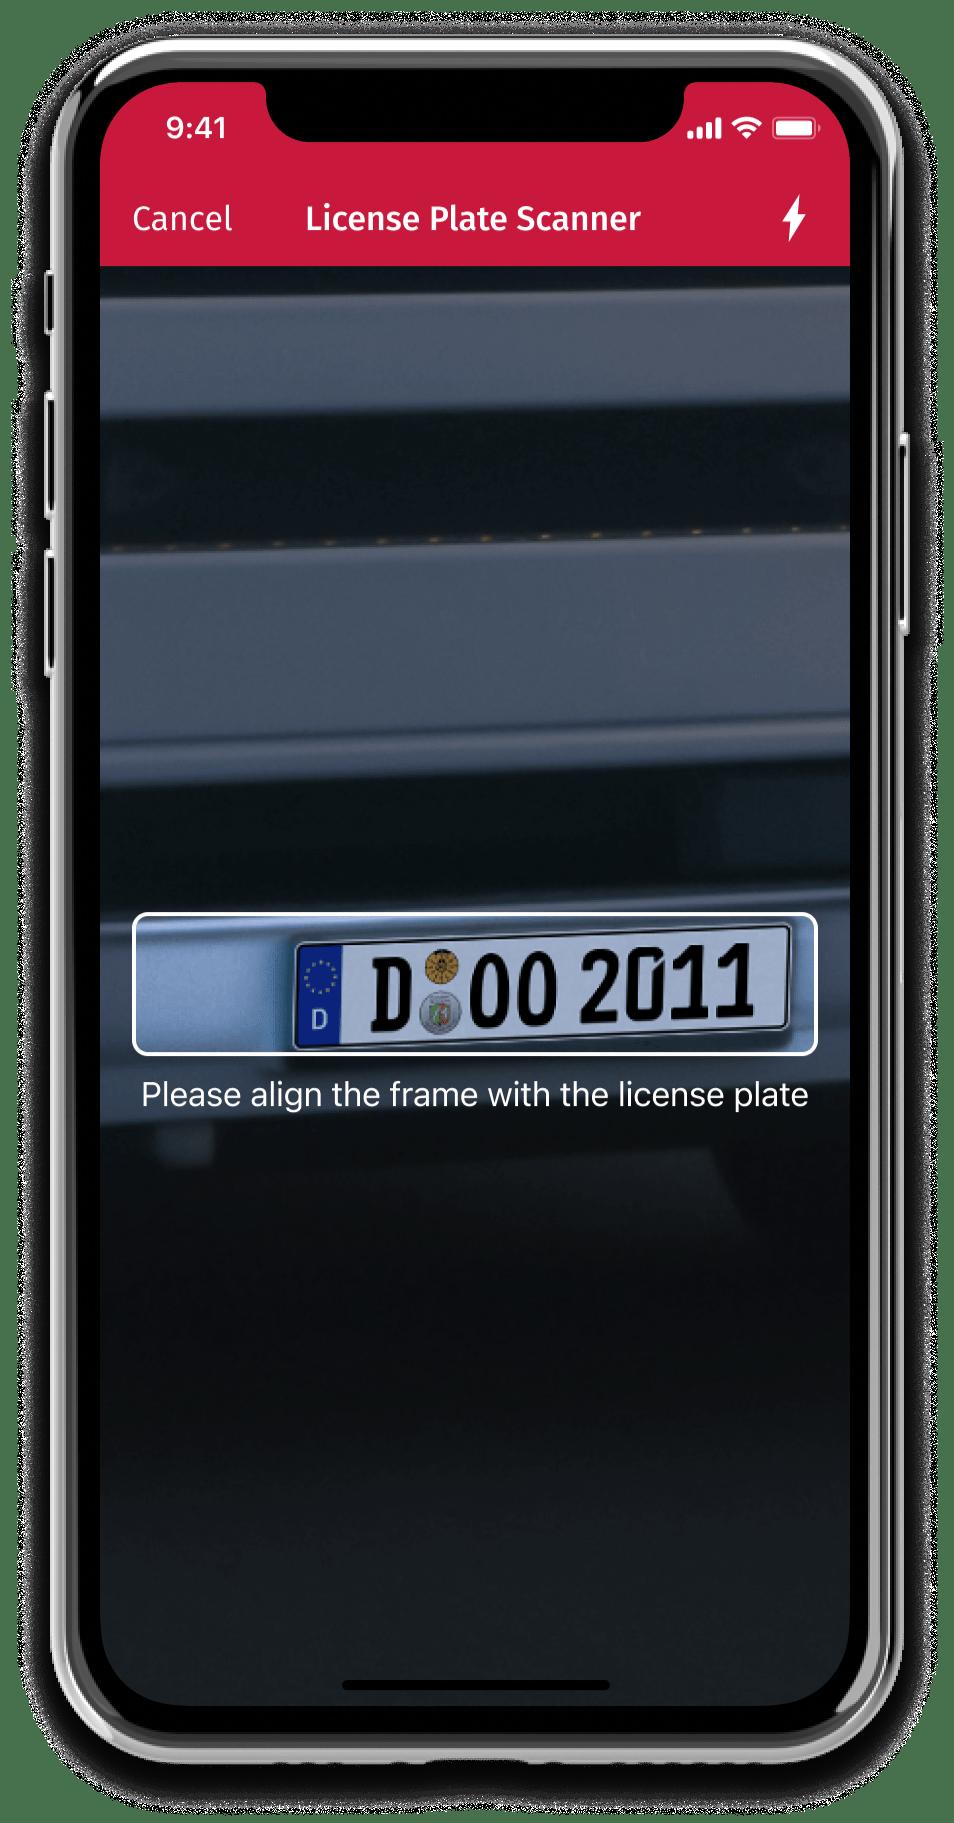 Scanbot SDK Software - Scanbot SDK scan license plates